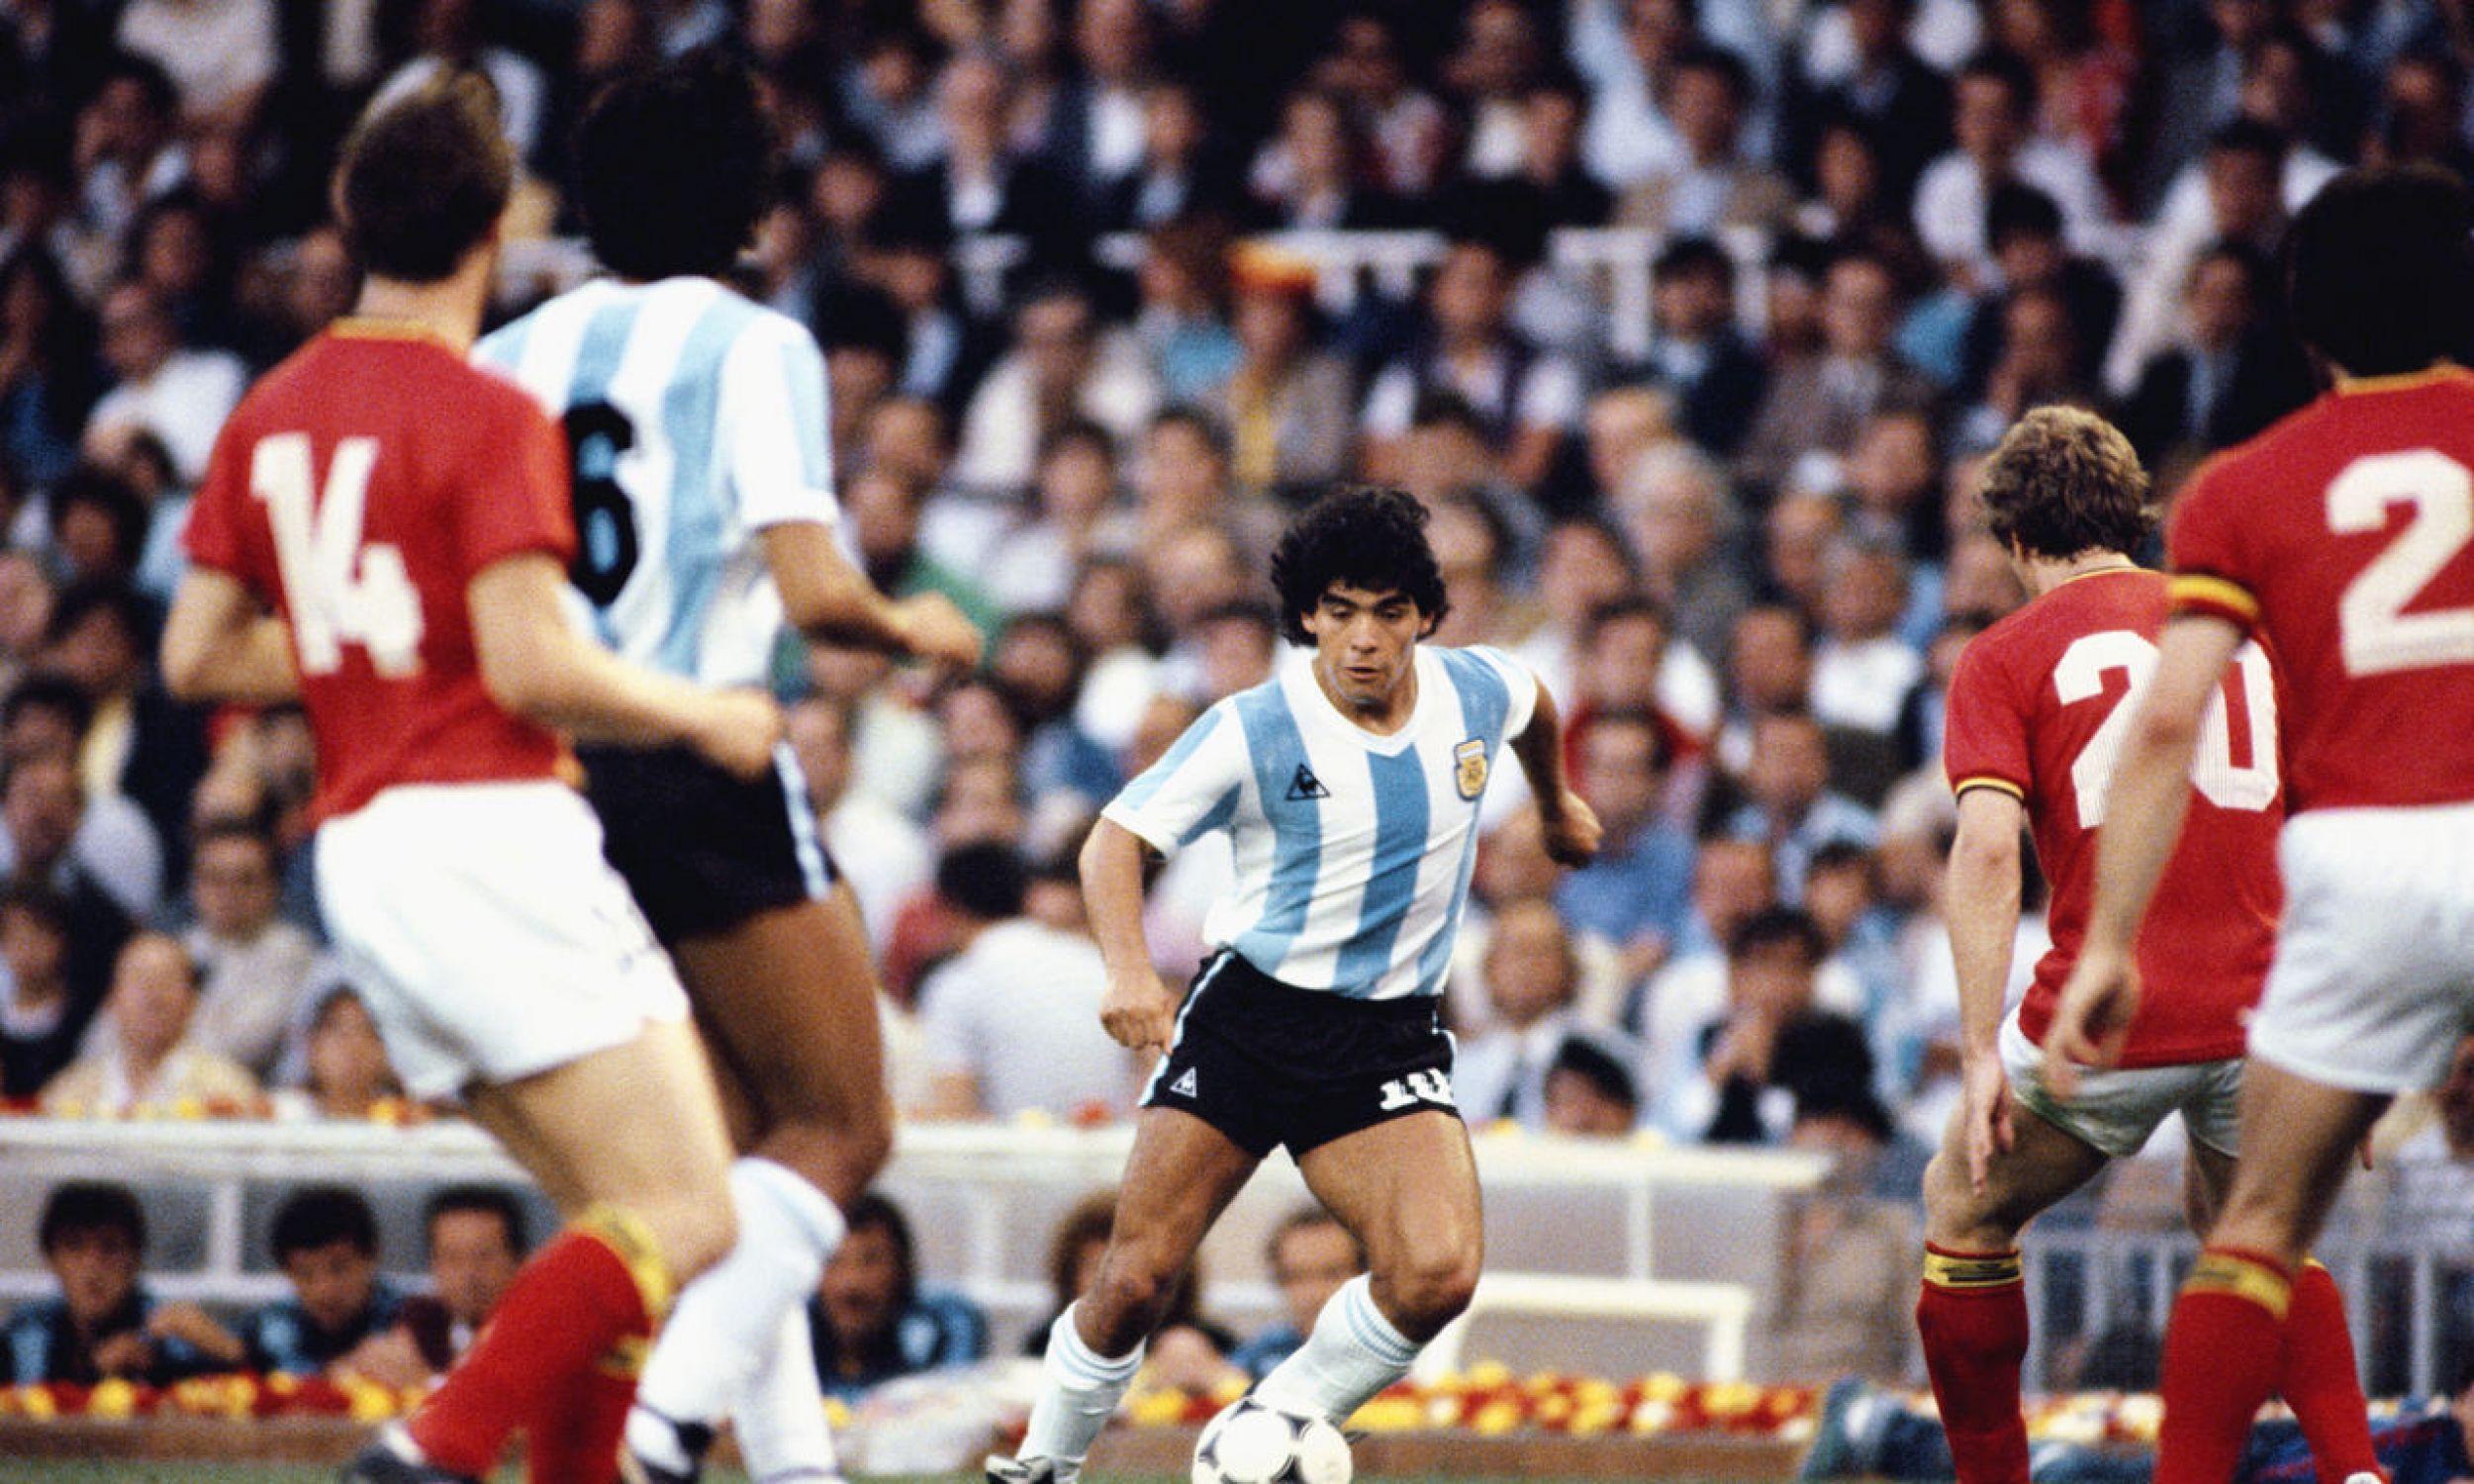 Diego Maradona podczas meczu z Belgią w Pucharze Świata FIFA 1982 na stadionie Camp Nou, 13 czerwca 1982 roku w Barcelonie. Fot. Steve Powell / Allsport / Getty Images